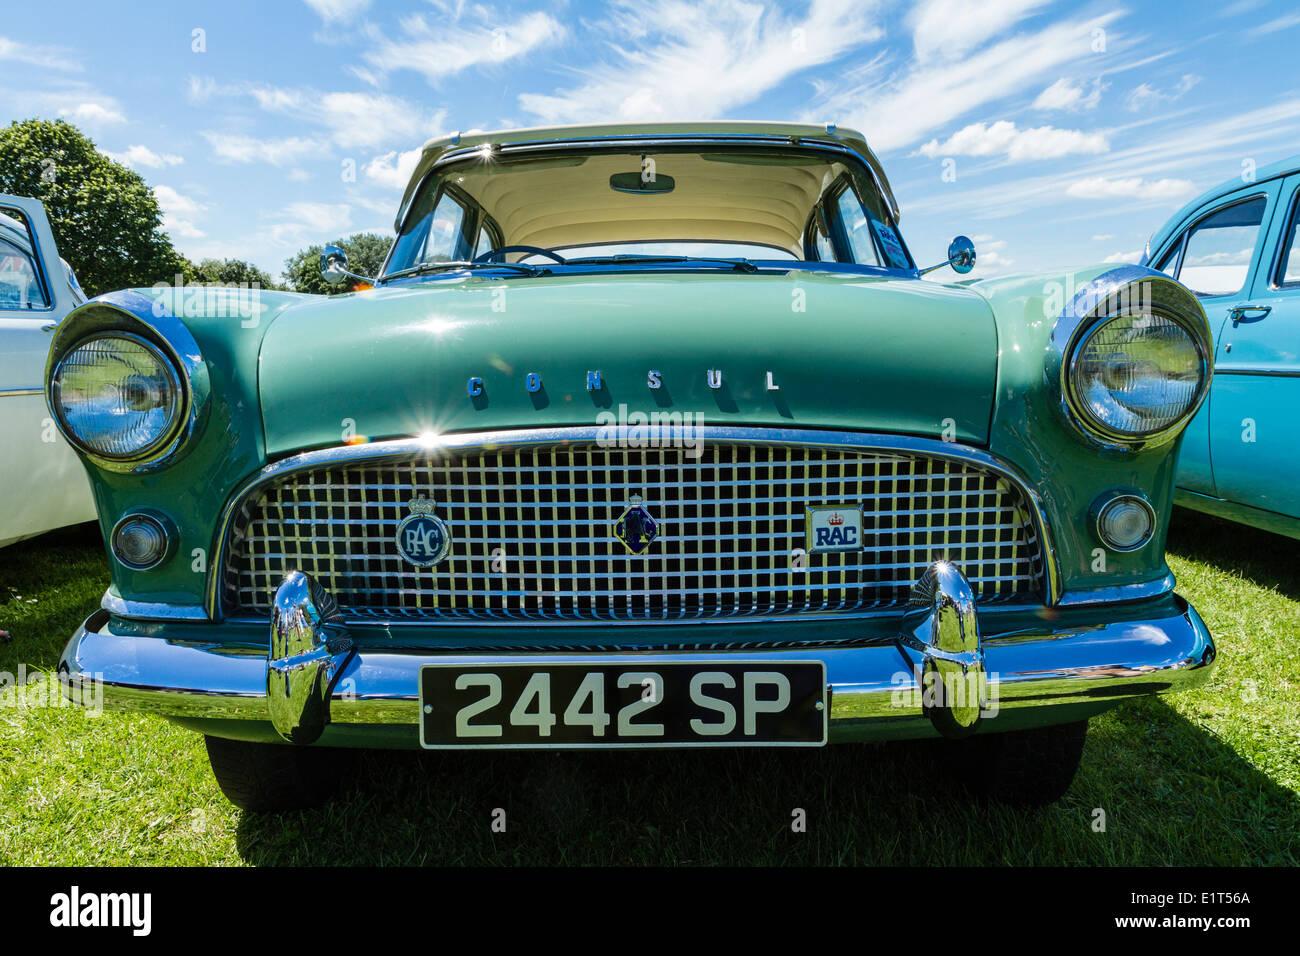 Anni Cinquanta Ford Consul in classic car show Immagini Stock